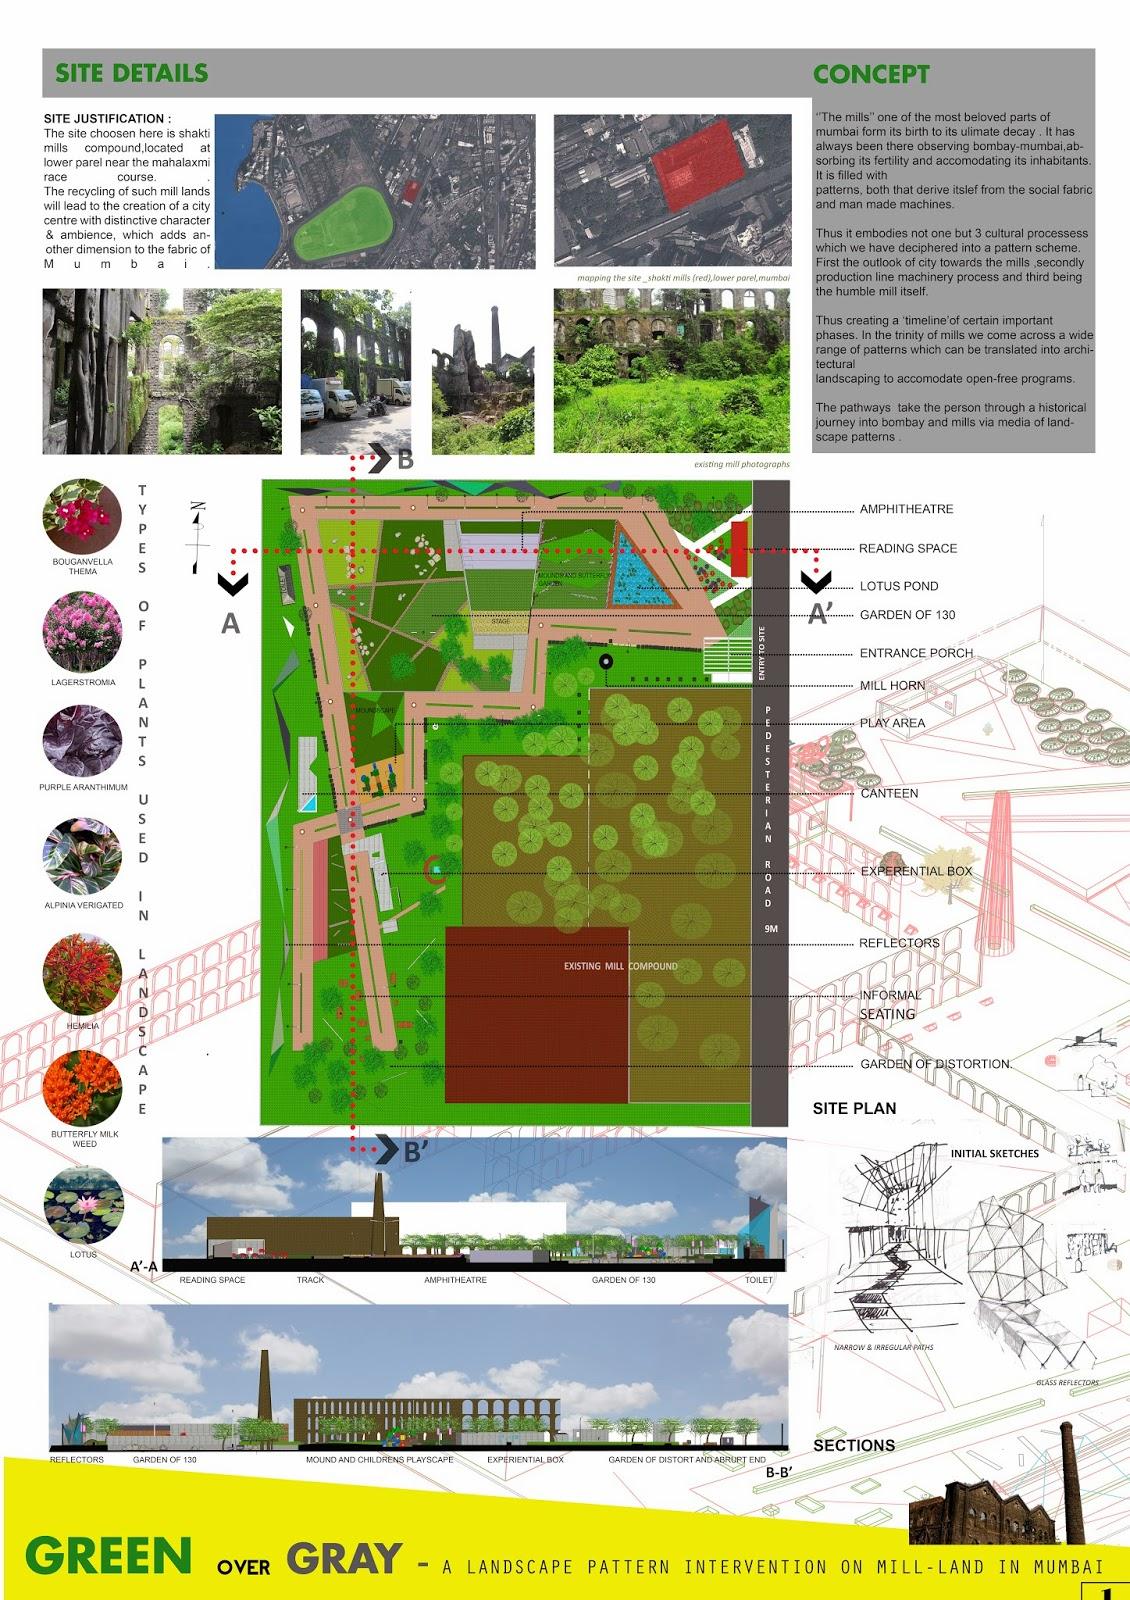 Experimentation: LA Journal Landscape Design Competition